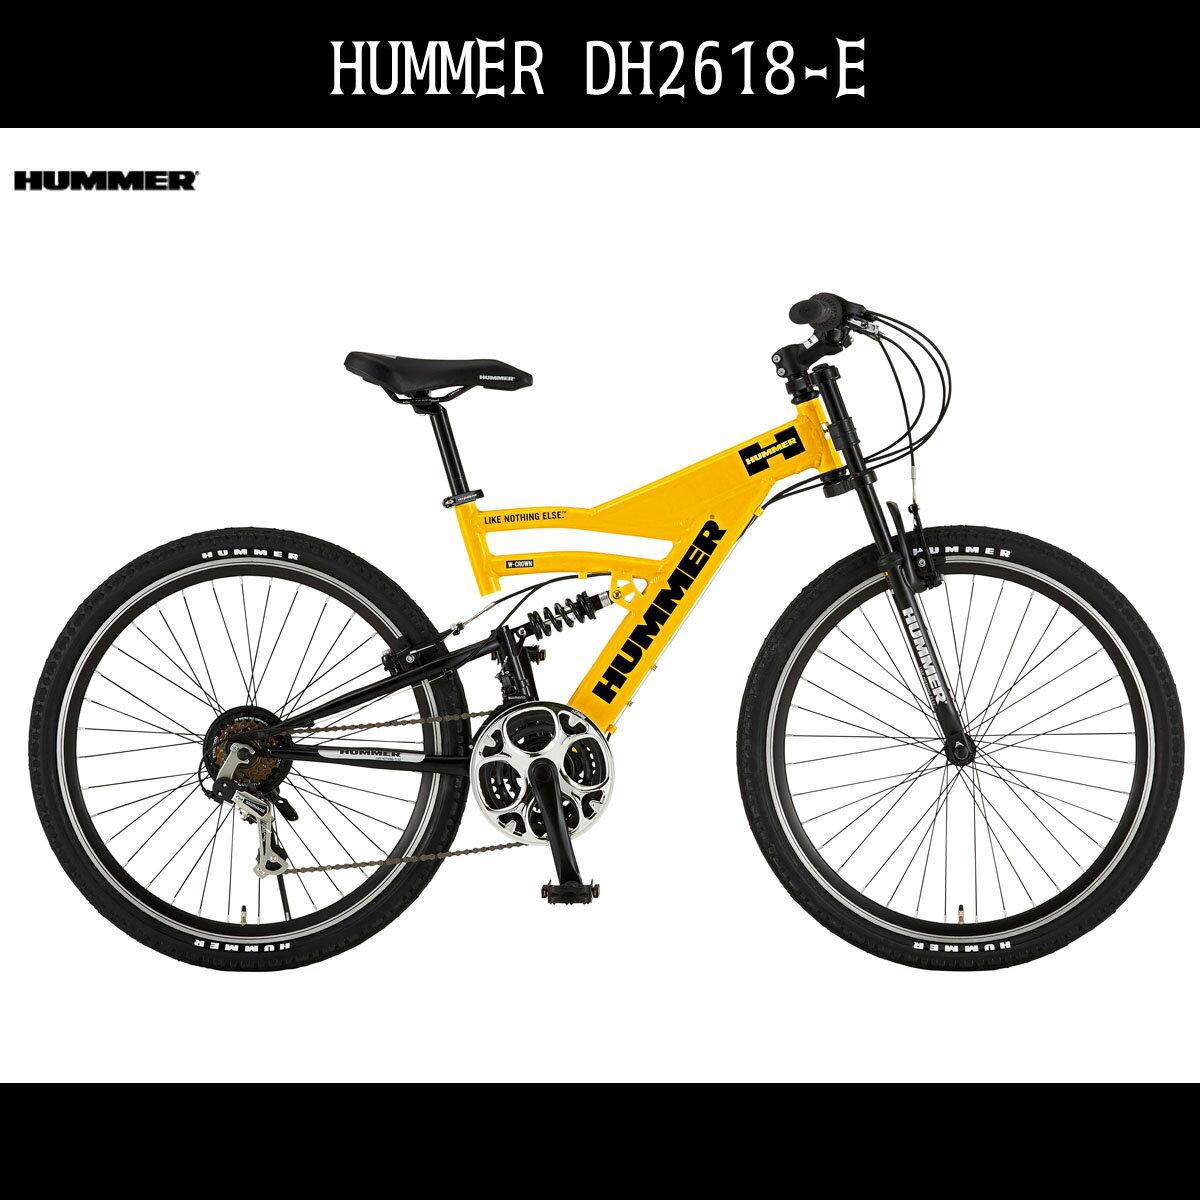 マウンテンバイク ハマー HUMMER 自転車 イエロー黄色26インチ マウンテンバイク ハマー 外装18段変速ギア アルミ MTB DH2618-E アルミニウム ギア付 通販 おしゃれ